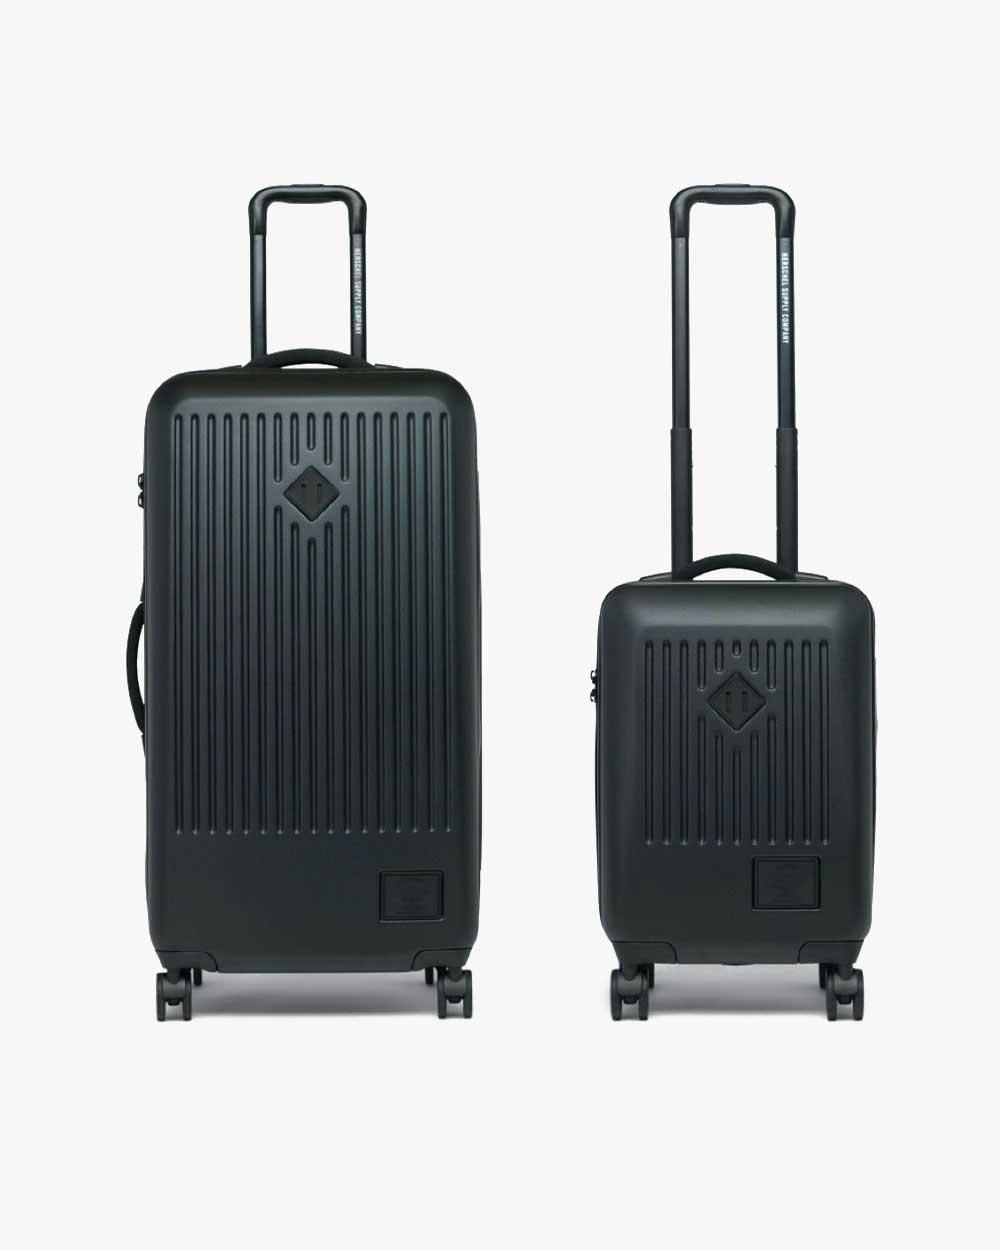 image d'un bagage et d'un bagage à main herschel trade large noirs